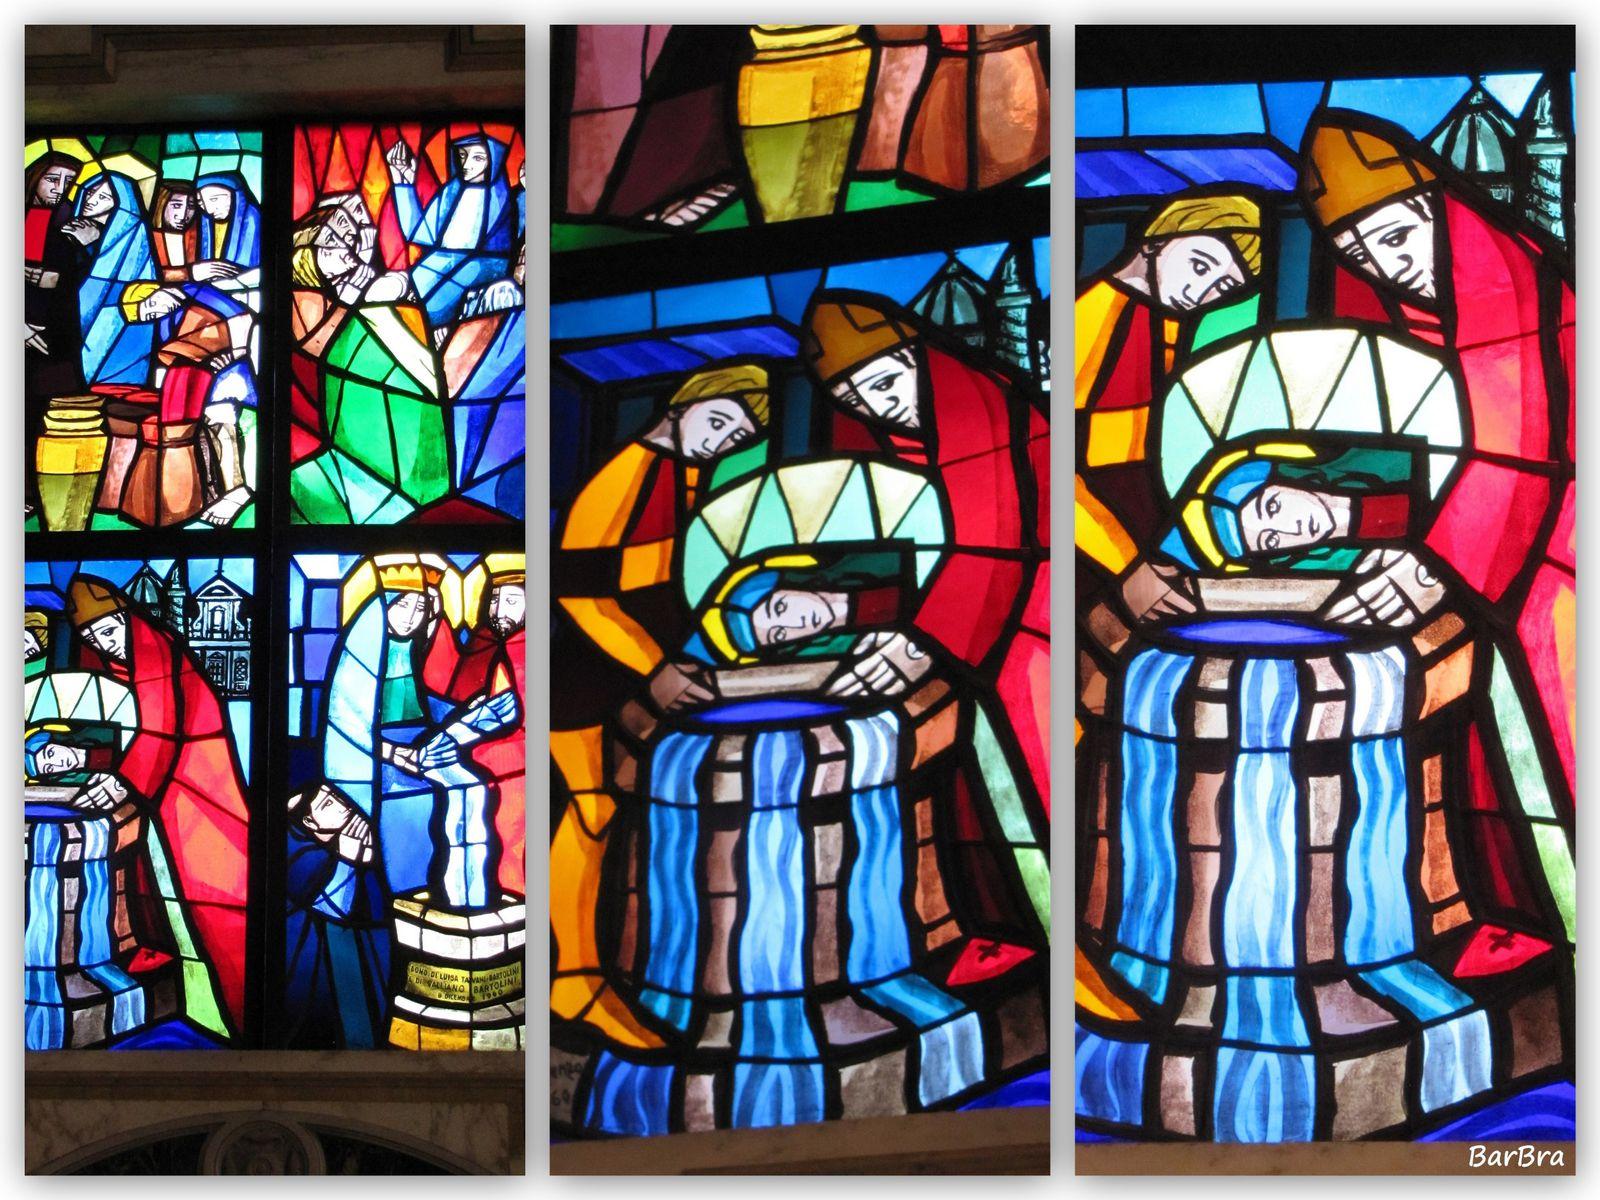 Due vetrate moderne riempiono di luce colorata la cappella del Pozzo e ci raccontano gli avvenimenti di quel lontano 1256, quando cardinale Pietro Capocci fu testimone dello straordinario ritrovamento in un pozzo dell'immagine della Madonna dipinta su tegola